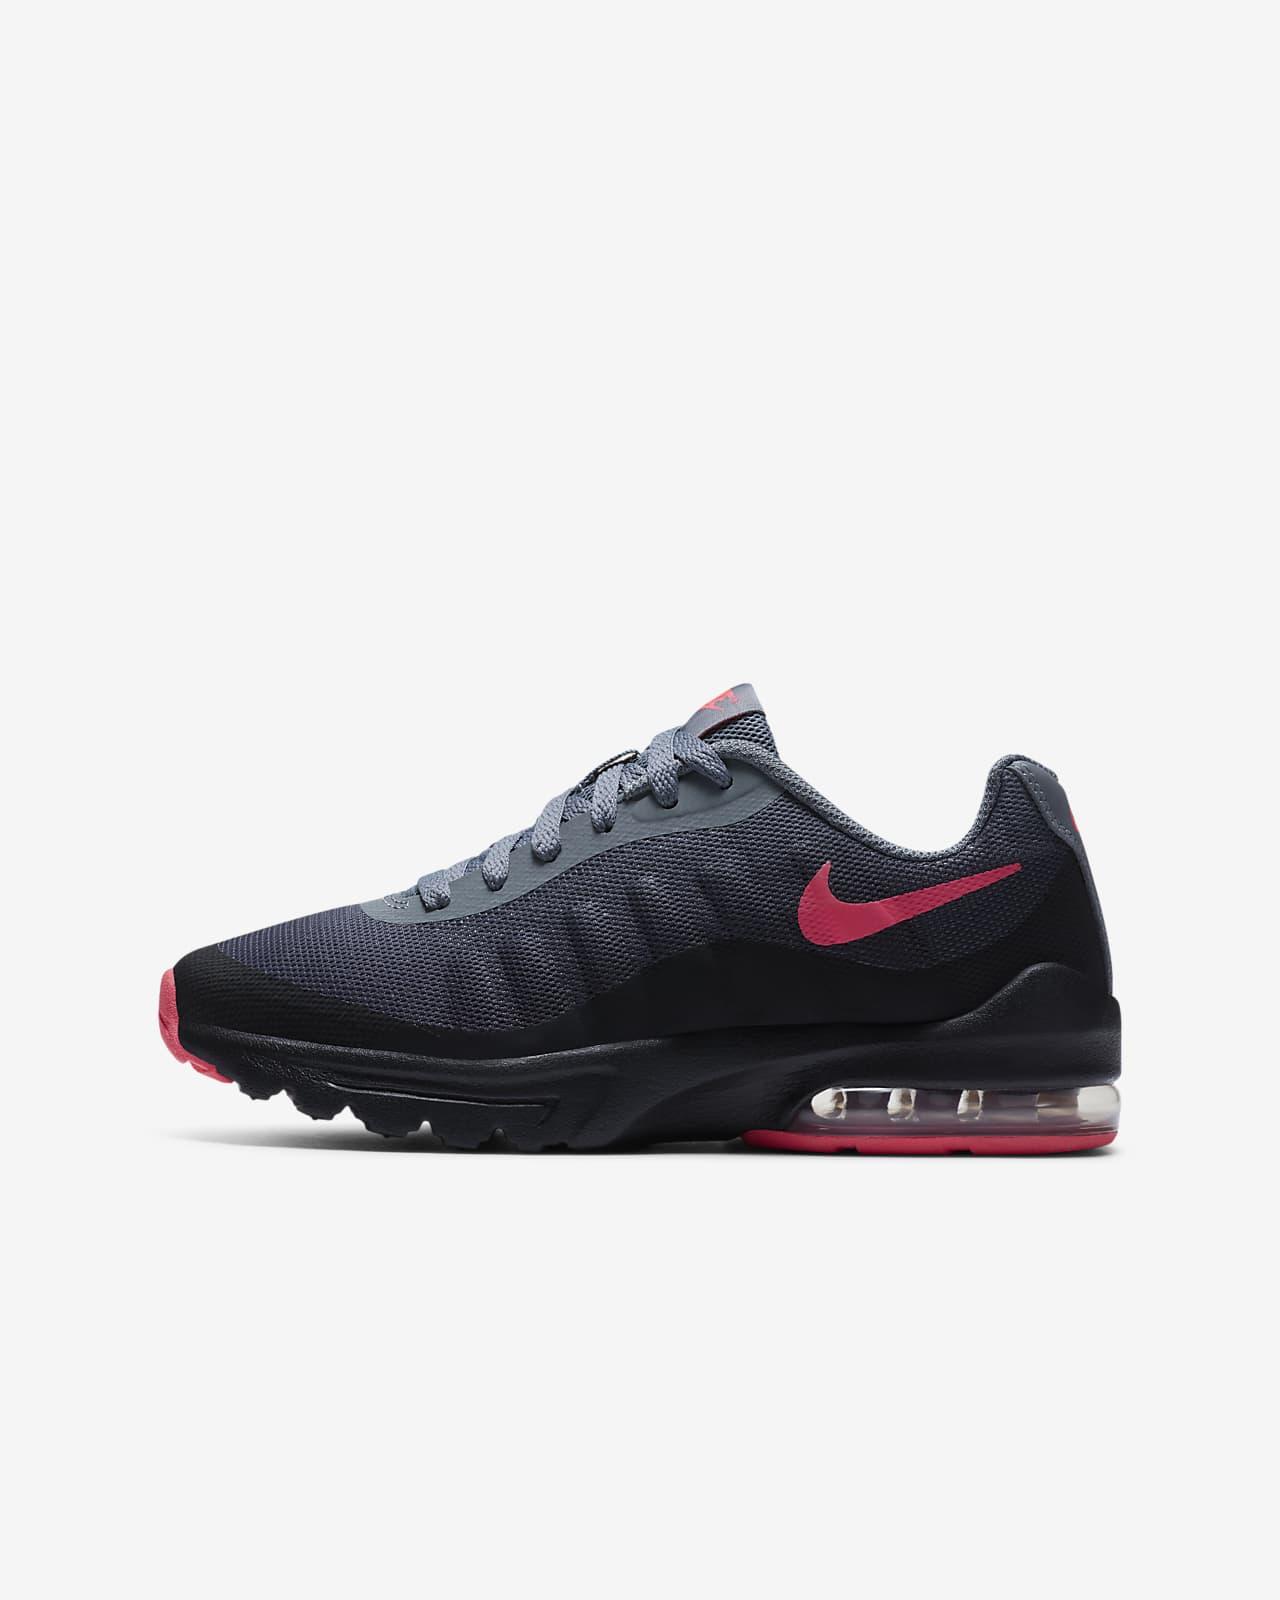 Παιδικό παπούτσι για τρέξιμο Nike Air Max Invigor (35,5-40)